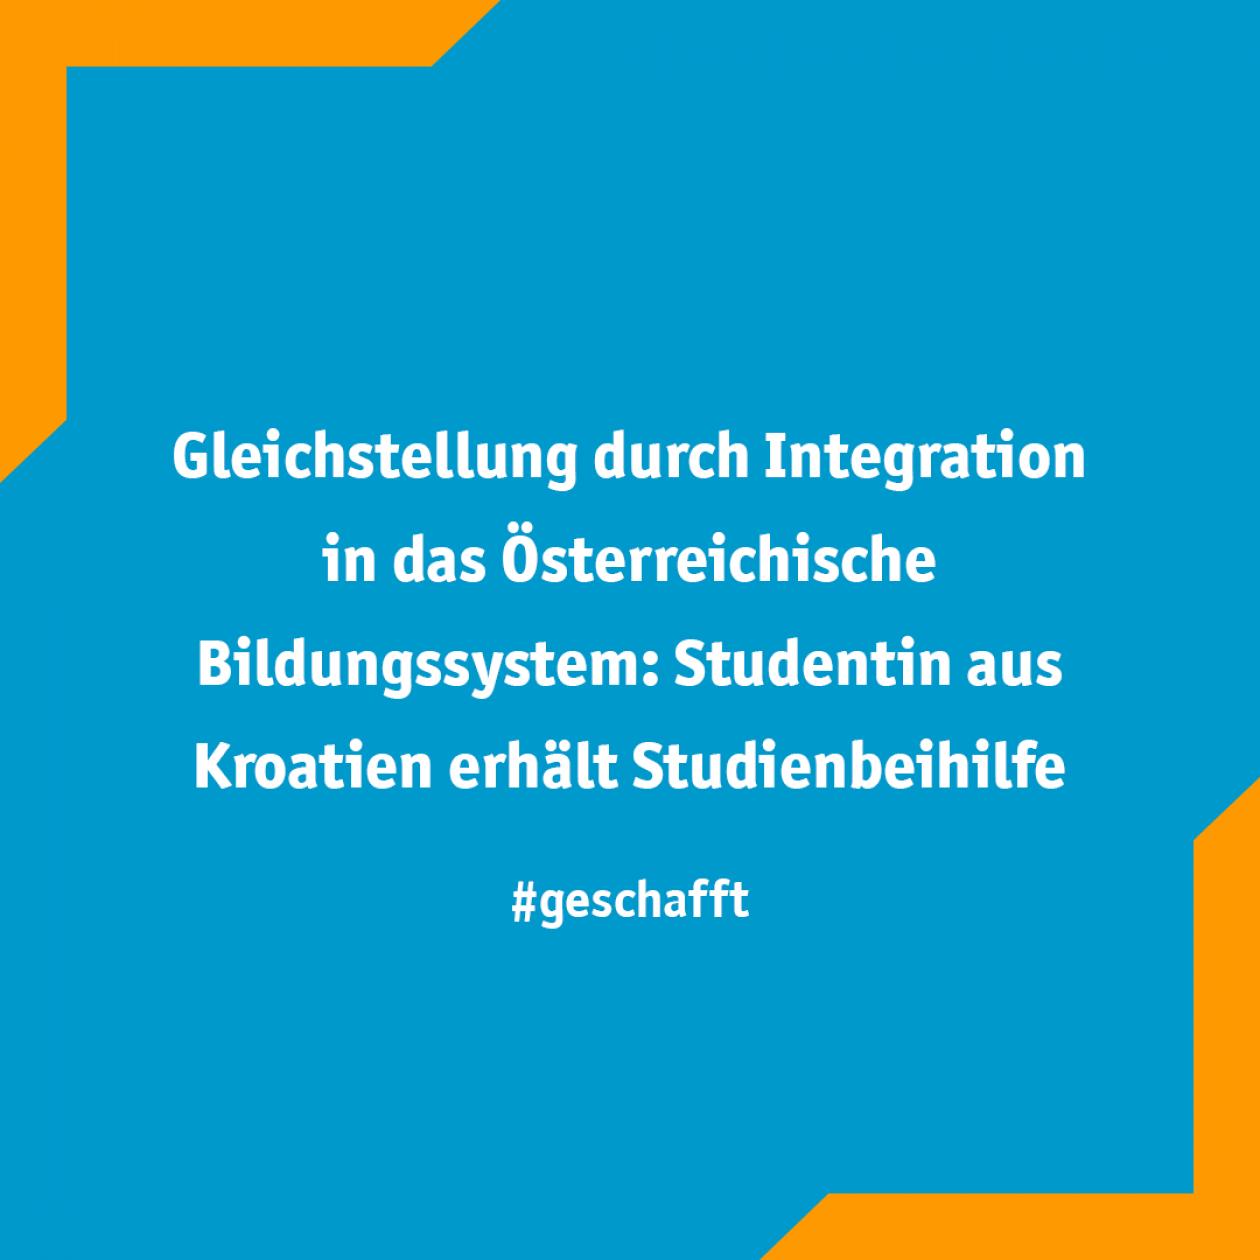 Gleichstellung durch Integration in das Österreichische Bildungssystem: Studentin aus Kroatien erhält Studienbeihilfe